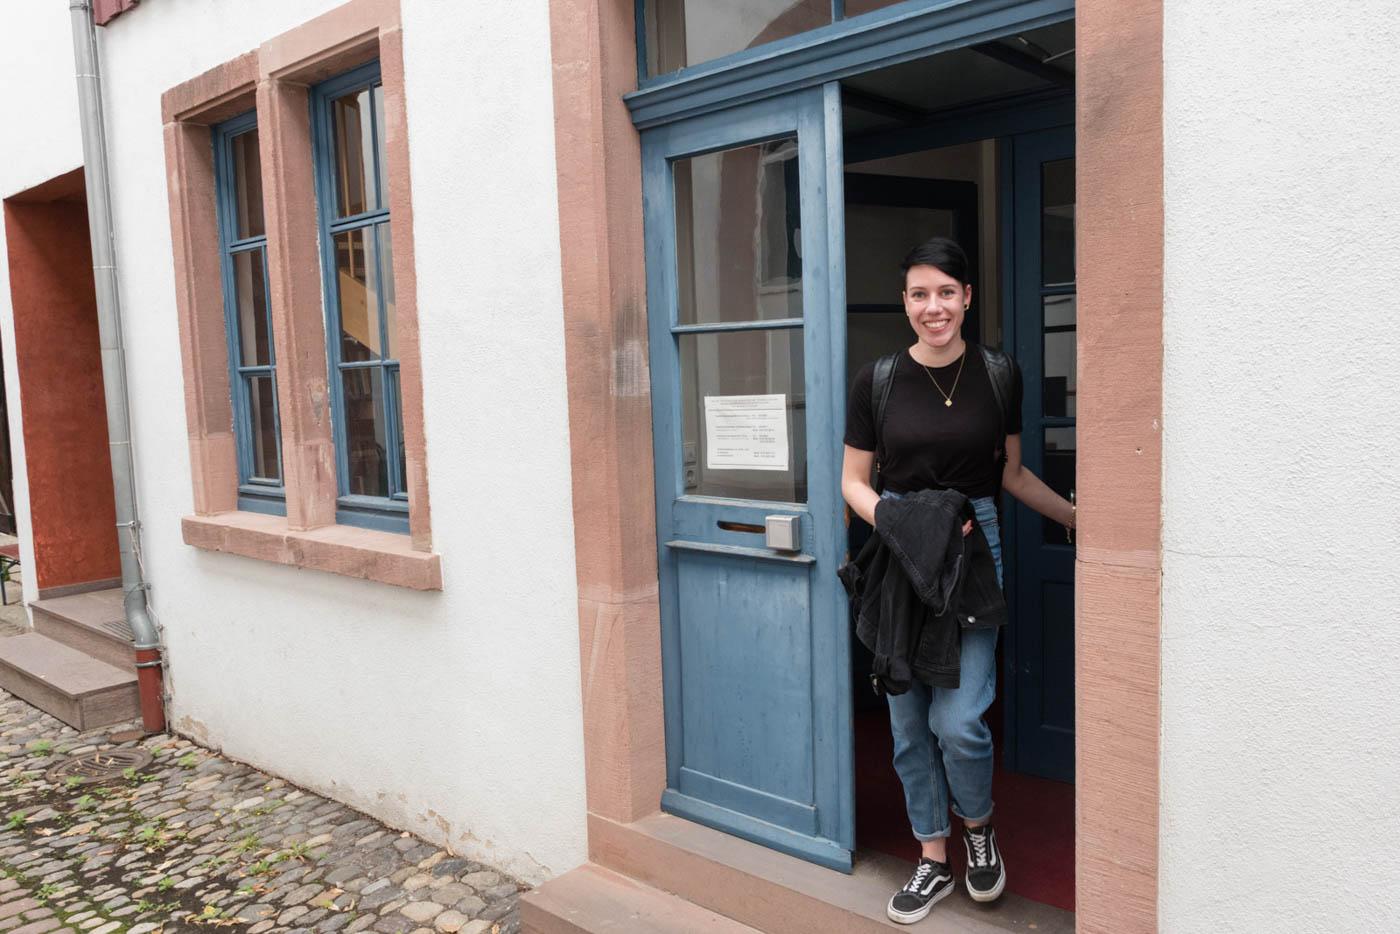 Samira verlässt das Institutsgebäude